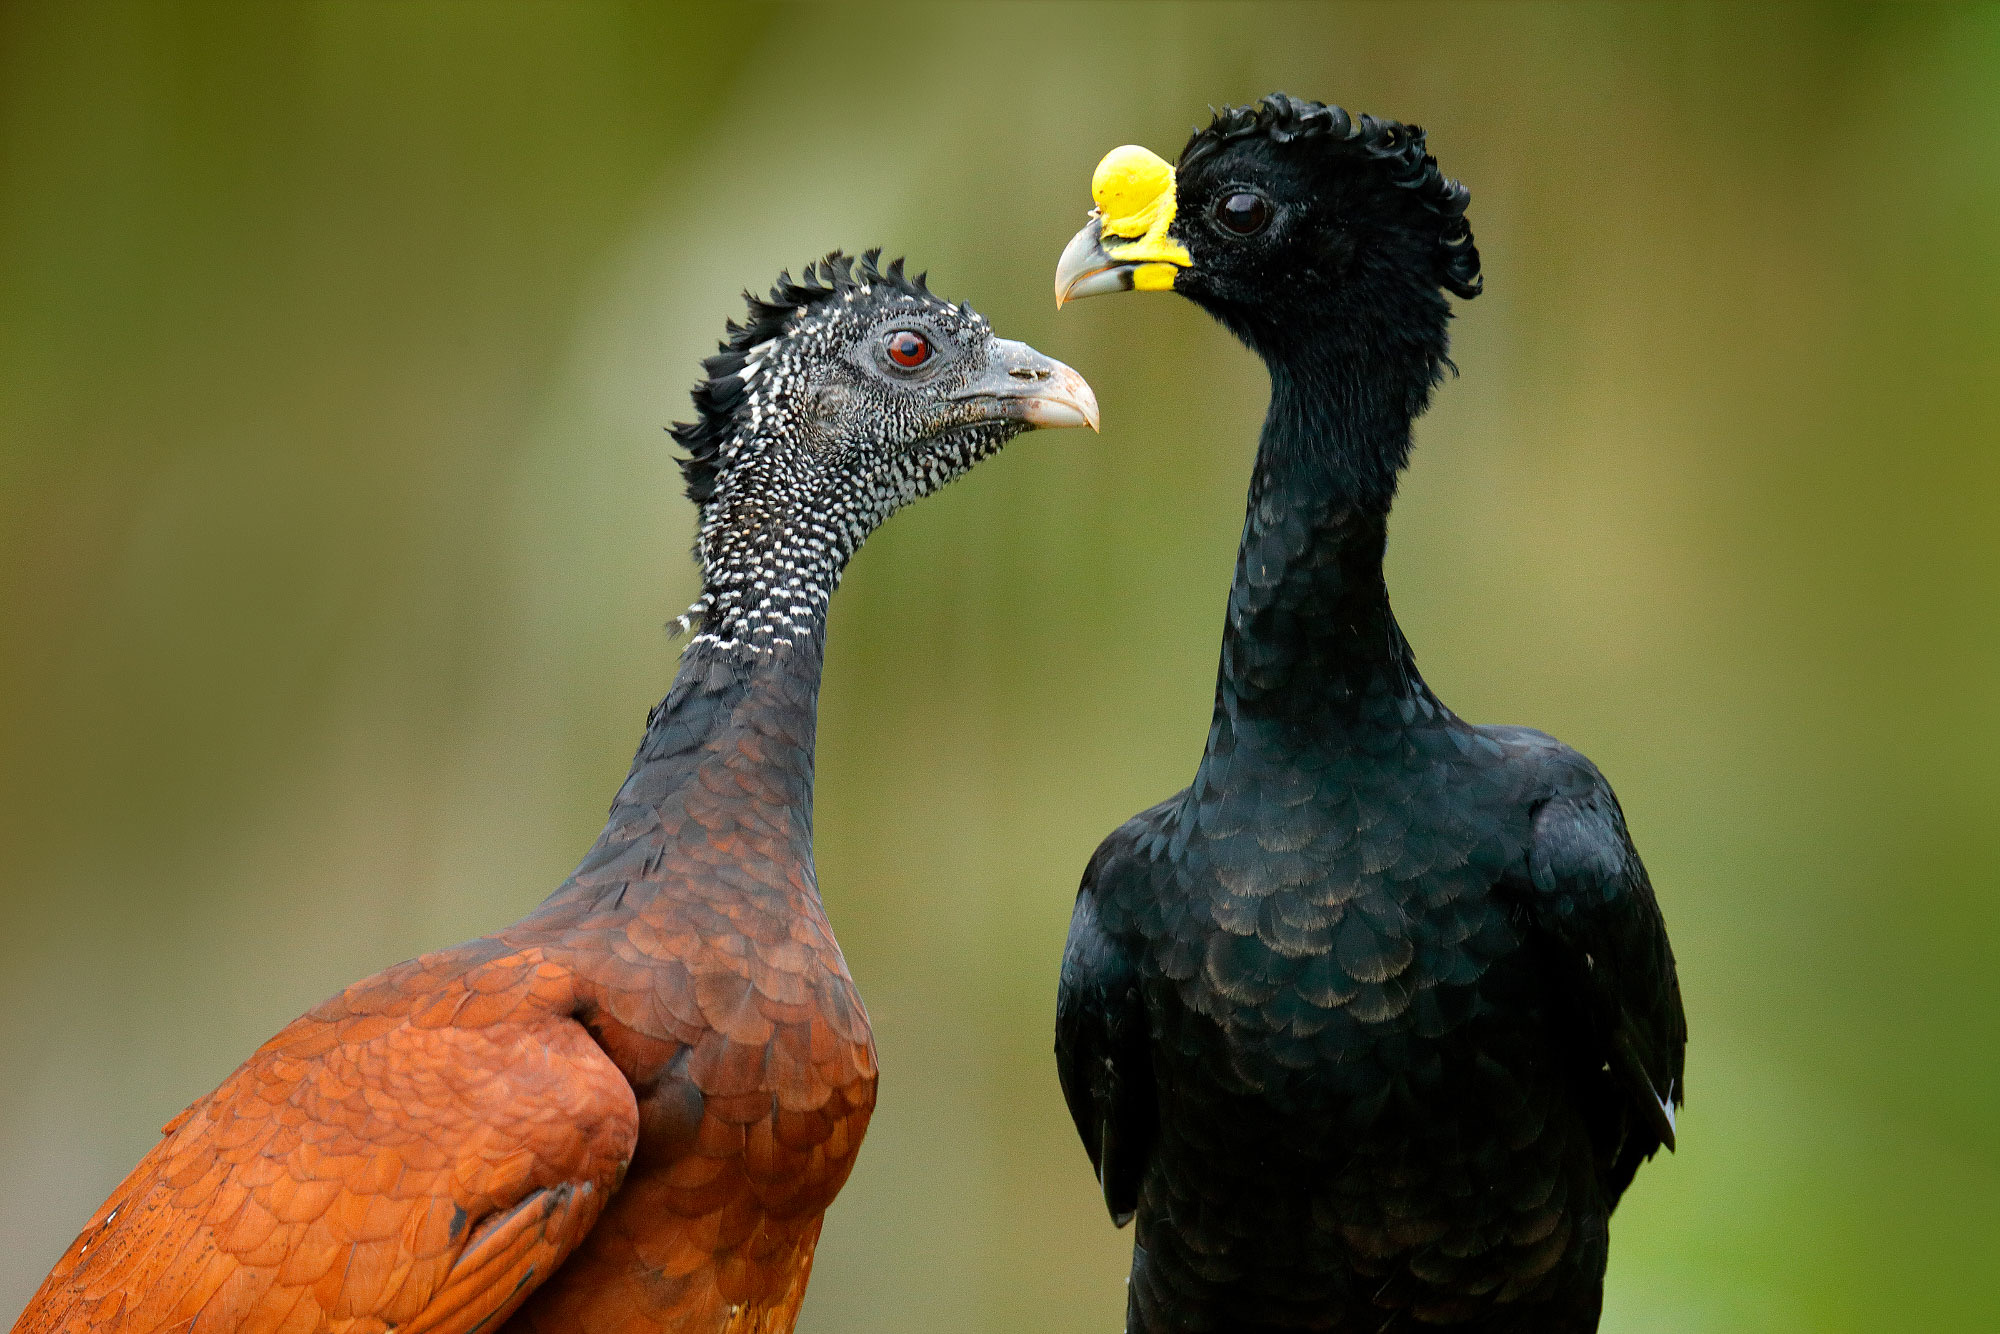 twee vogels zwart met gele snavel